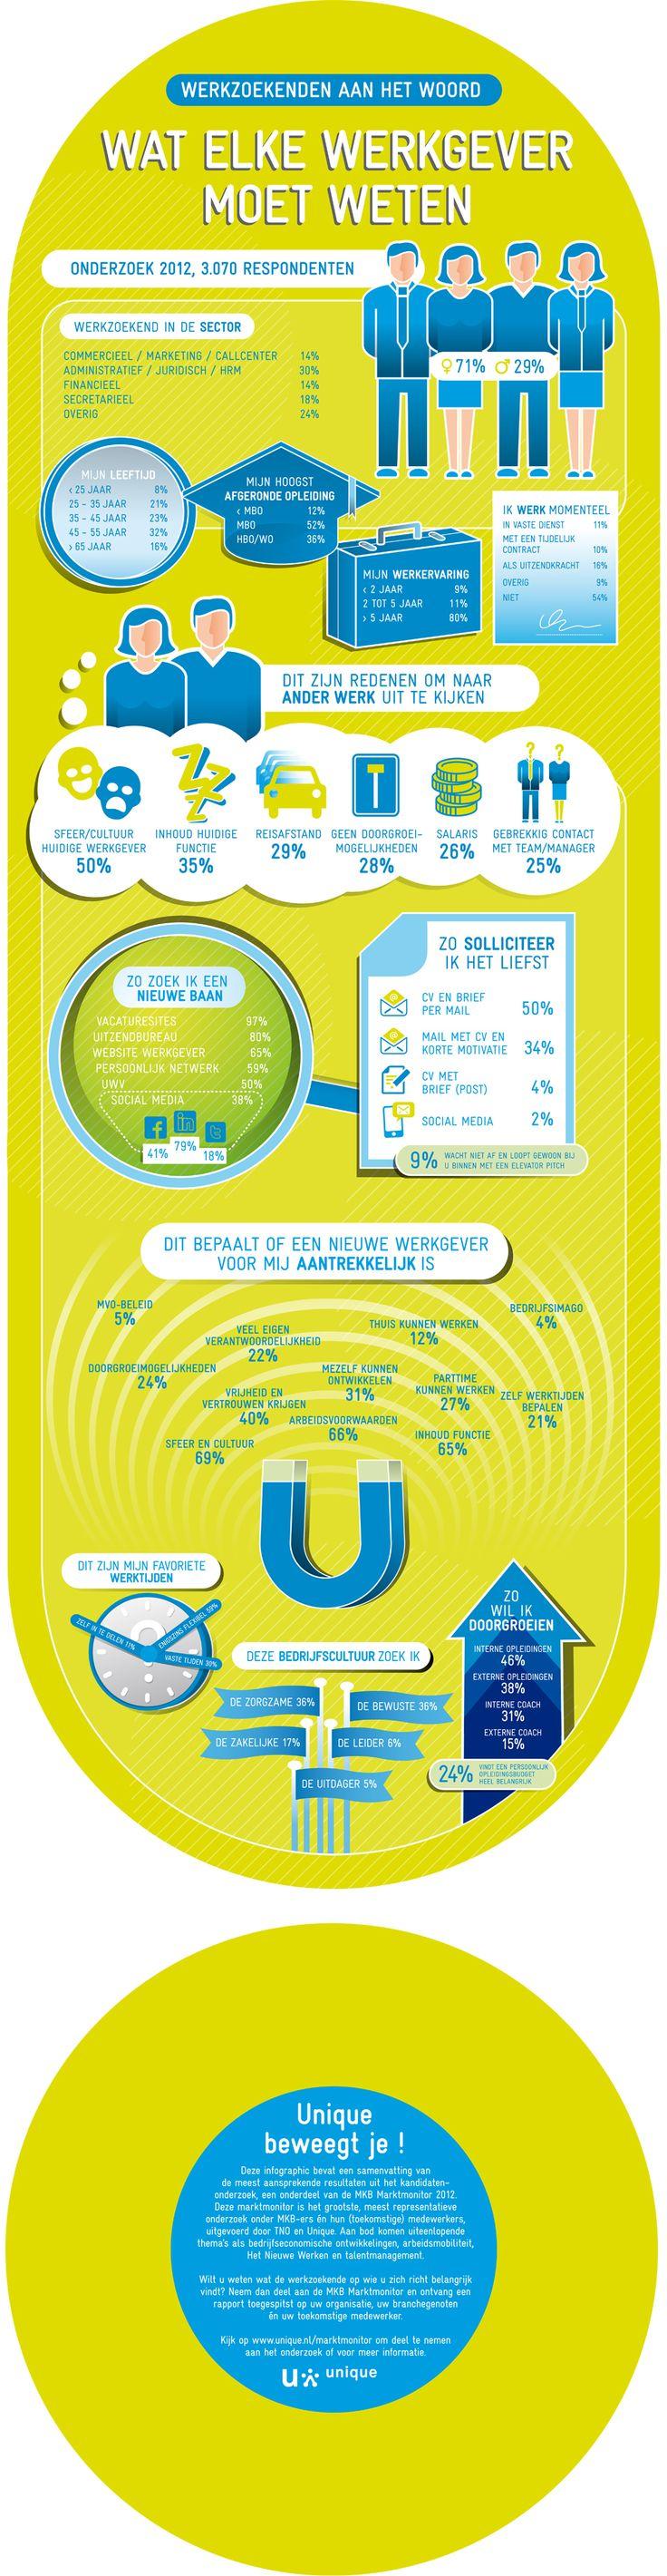 69 % van de werknemers stelt dat de bedrijfscultuur het meest belangrijk is bij een aantrekkelijke werkgever!